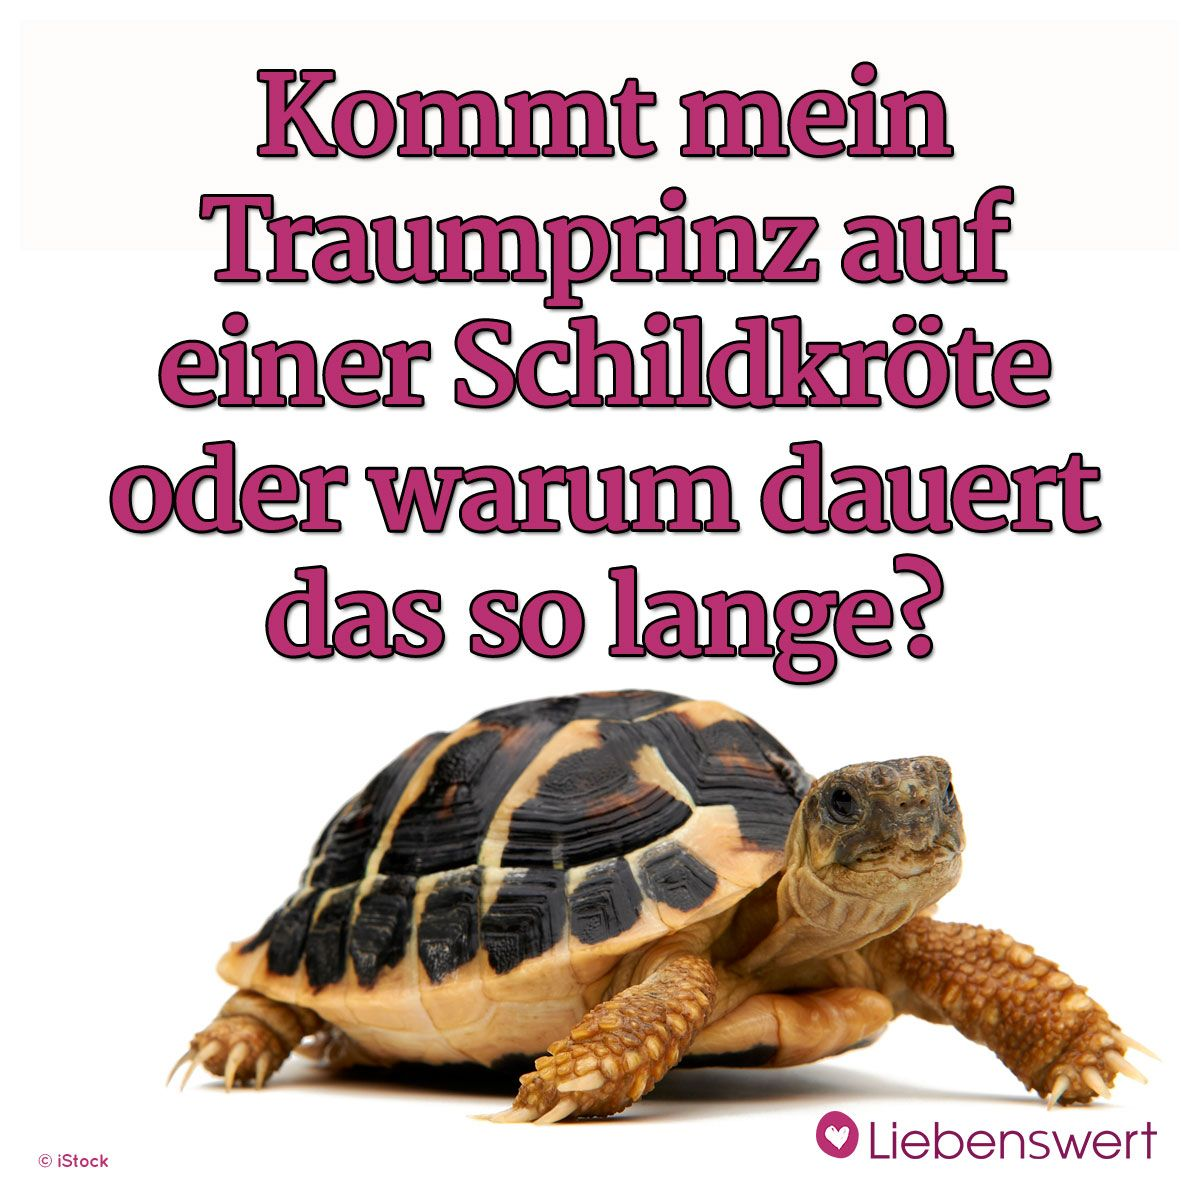 schildkröten sprüche Heute schon gelacht? Sprüche zum Thema Humor | Lustige Sprüche  schildkröten sprüche